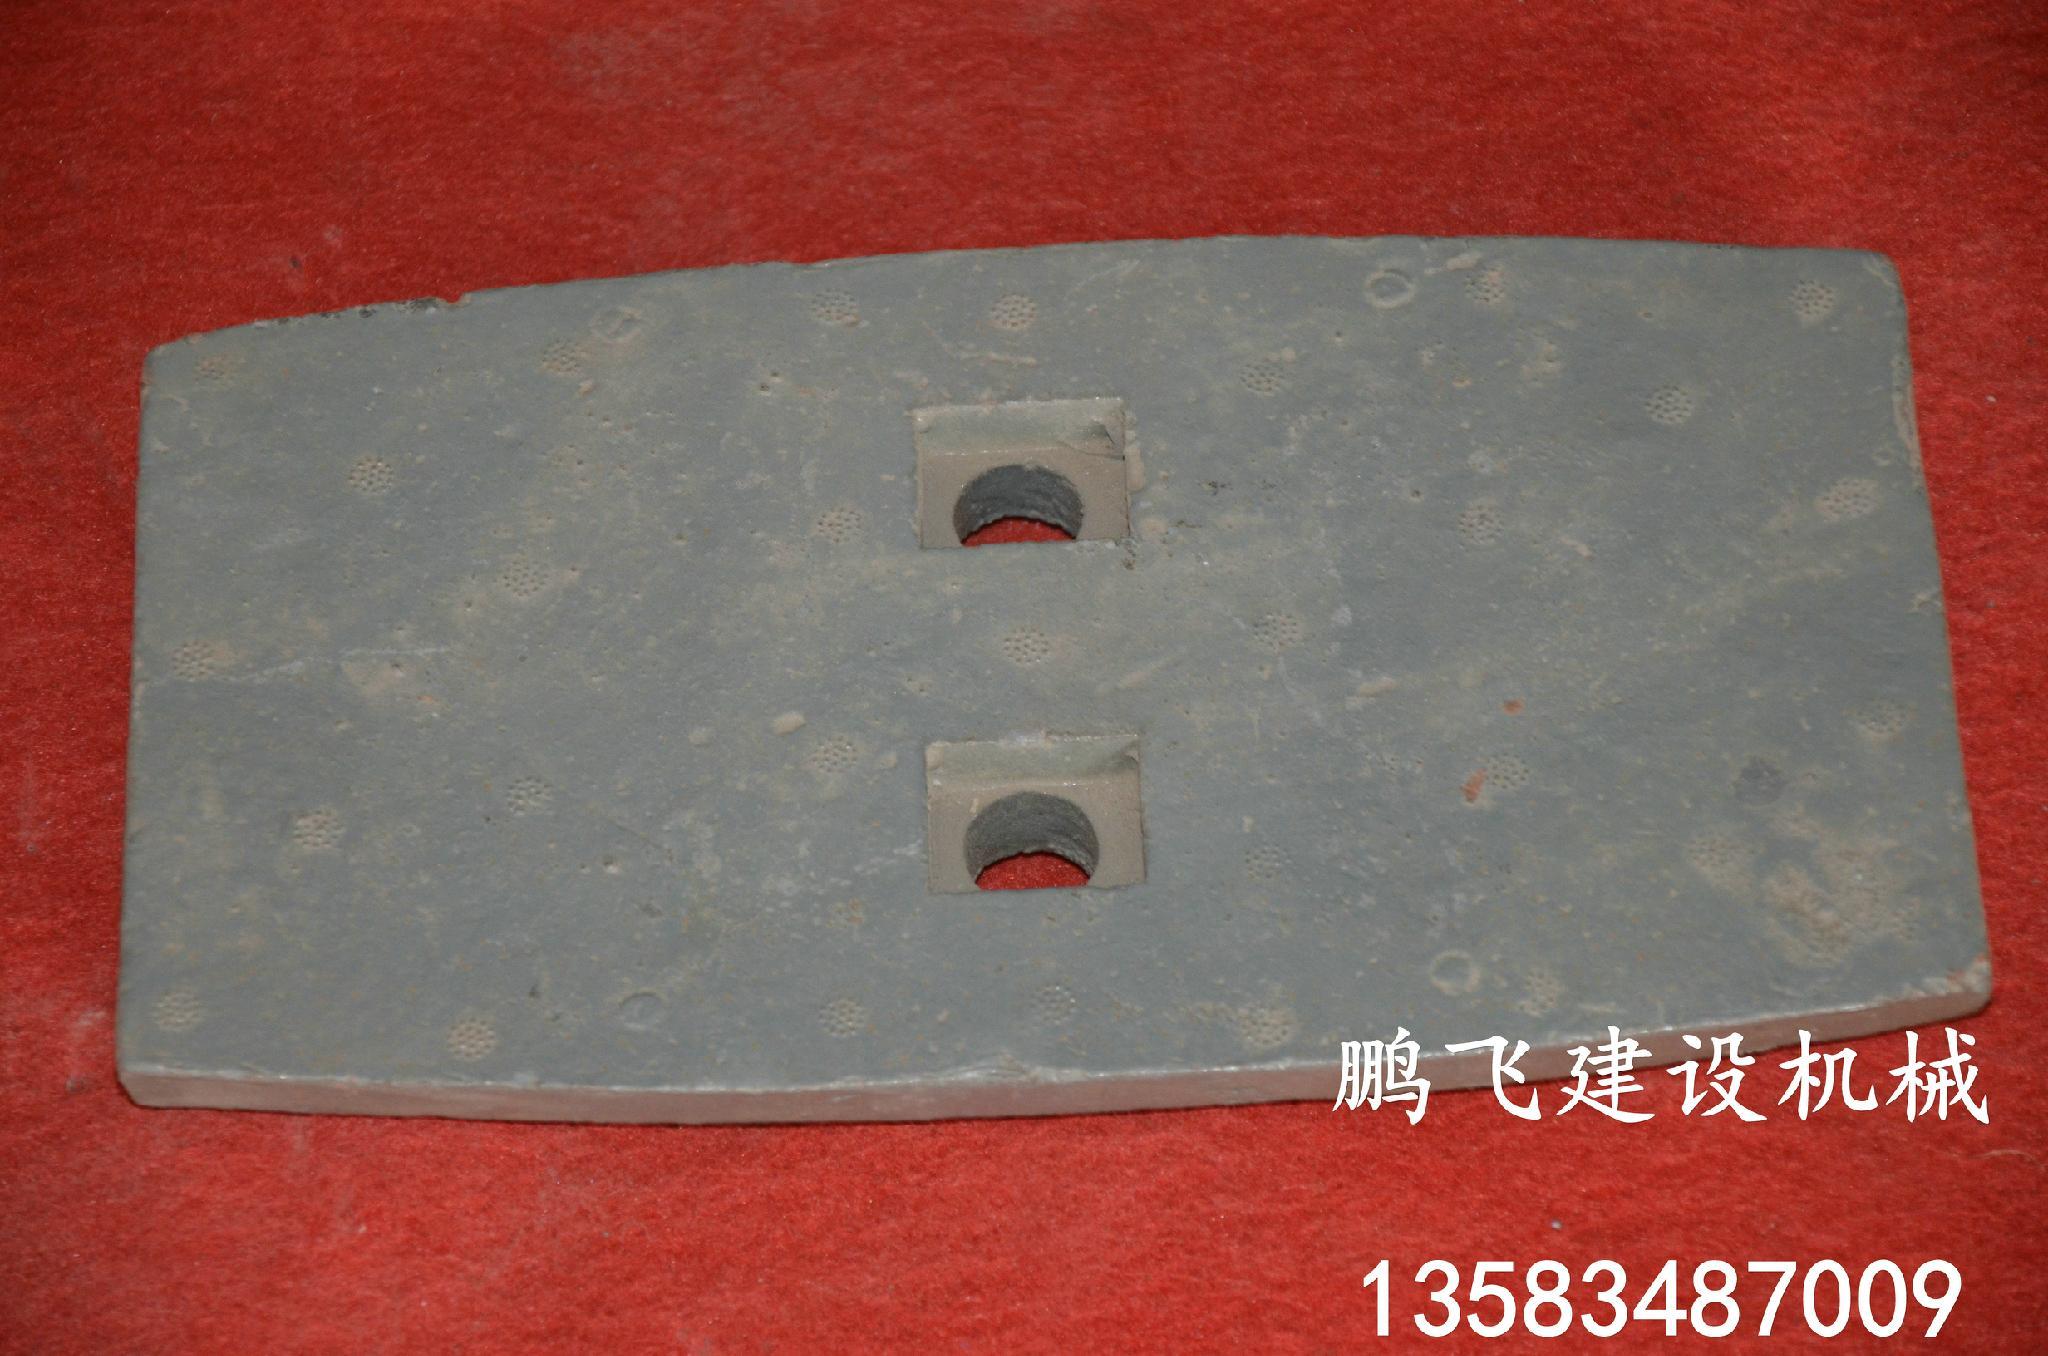 供應攪拌機襯板葉片 方圓500-2000 5